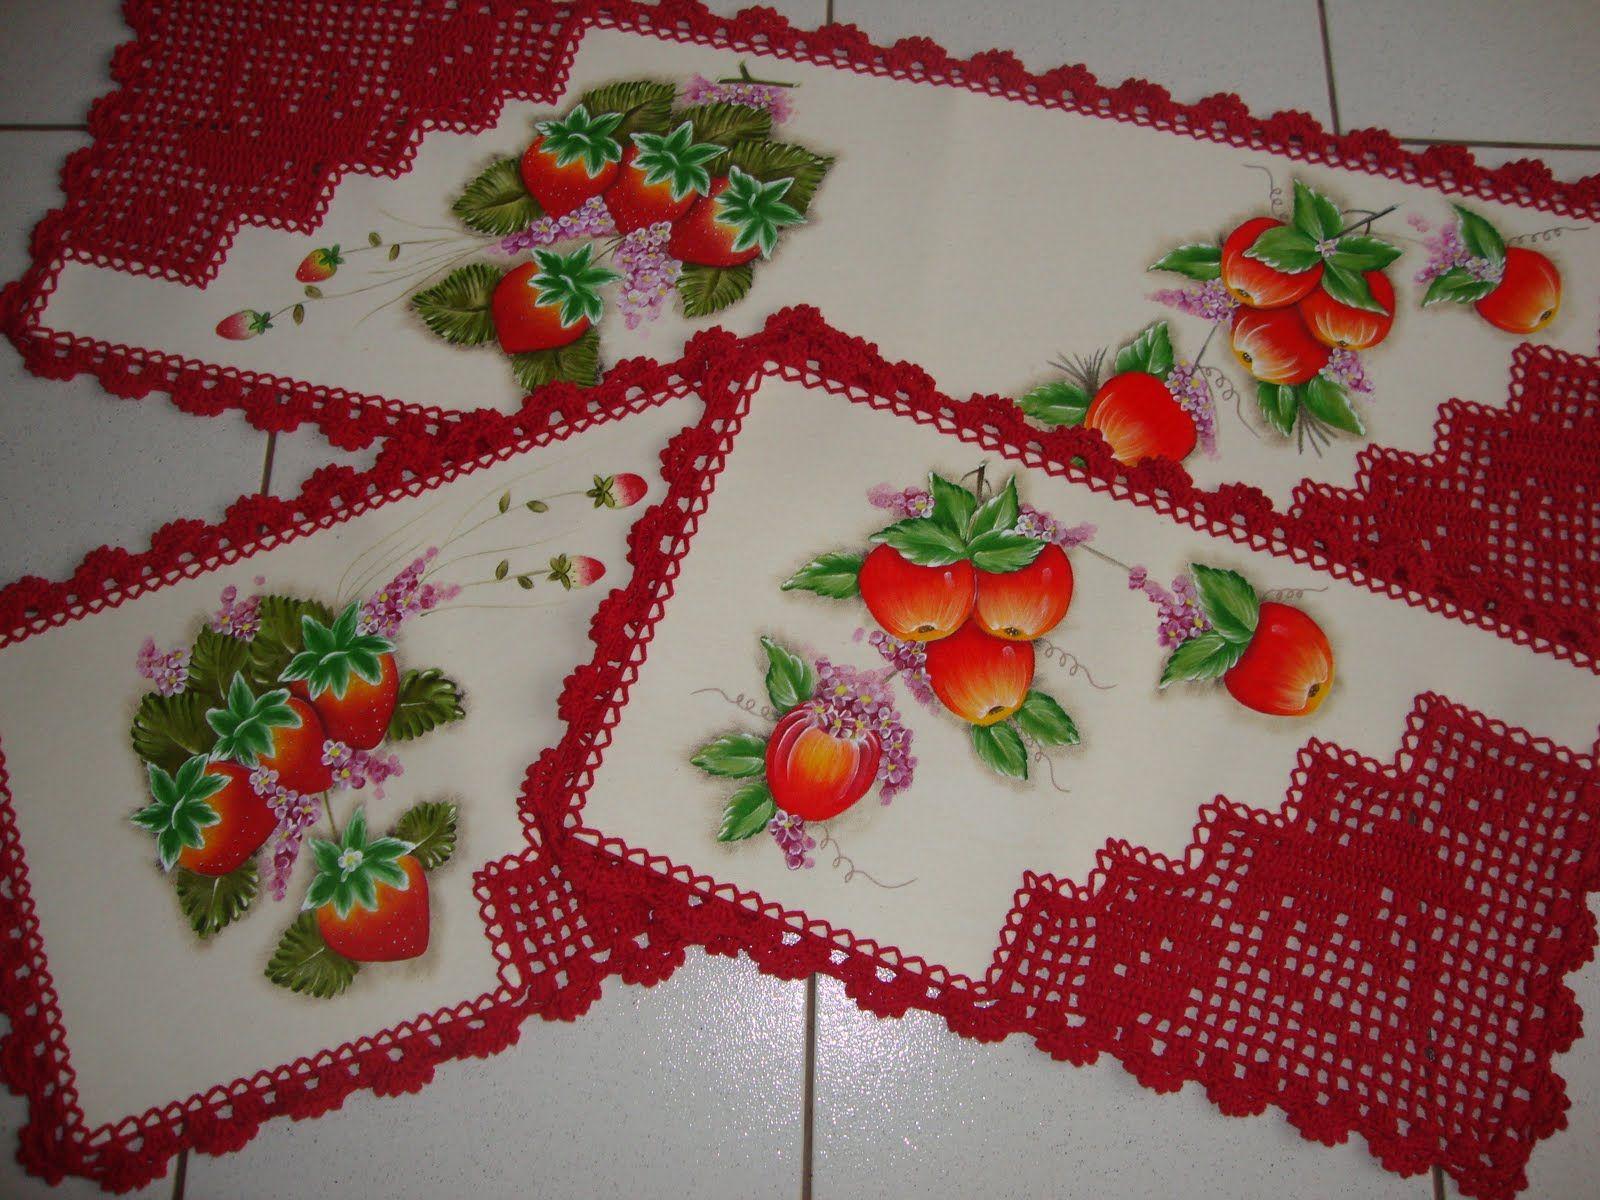 Sueli 002 Jpg 1600 1200 Tapetes Camino De Mesa Pinterest  -> Tapete De Tecido Para Cozinha